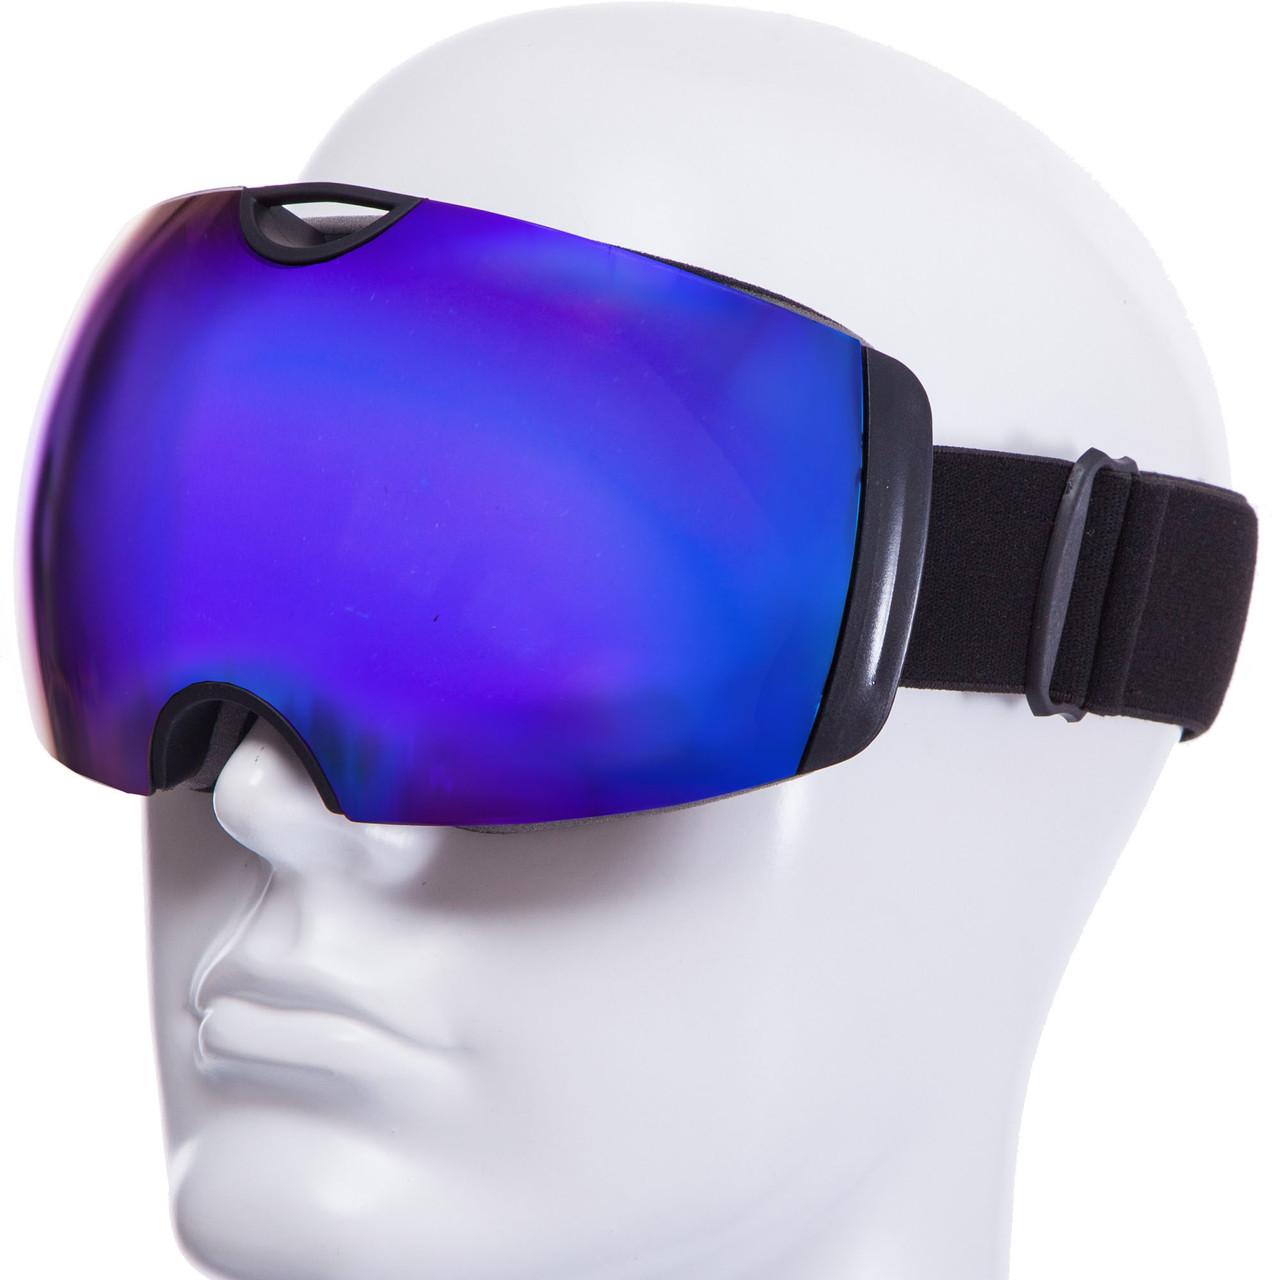 Очки горнолыжные SPOSUNE HX036 (TPU,двойные линзы,PC,антифог, цвета в ассортименте)